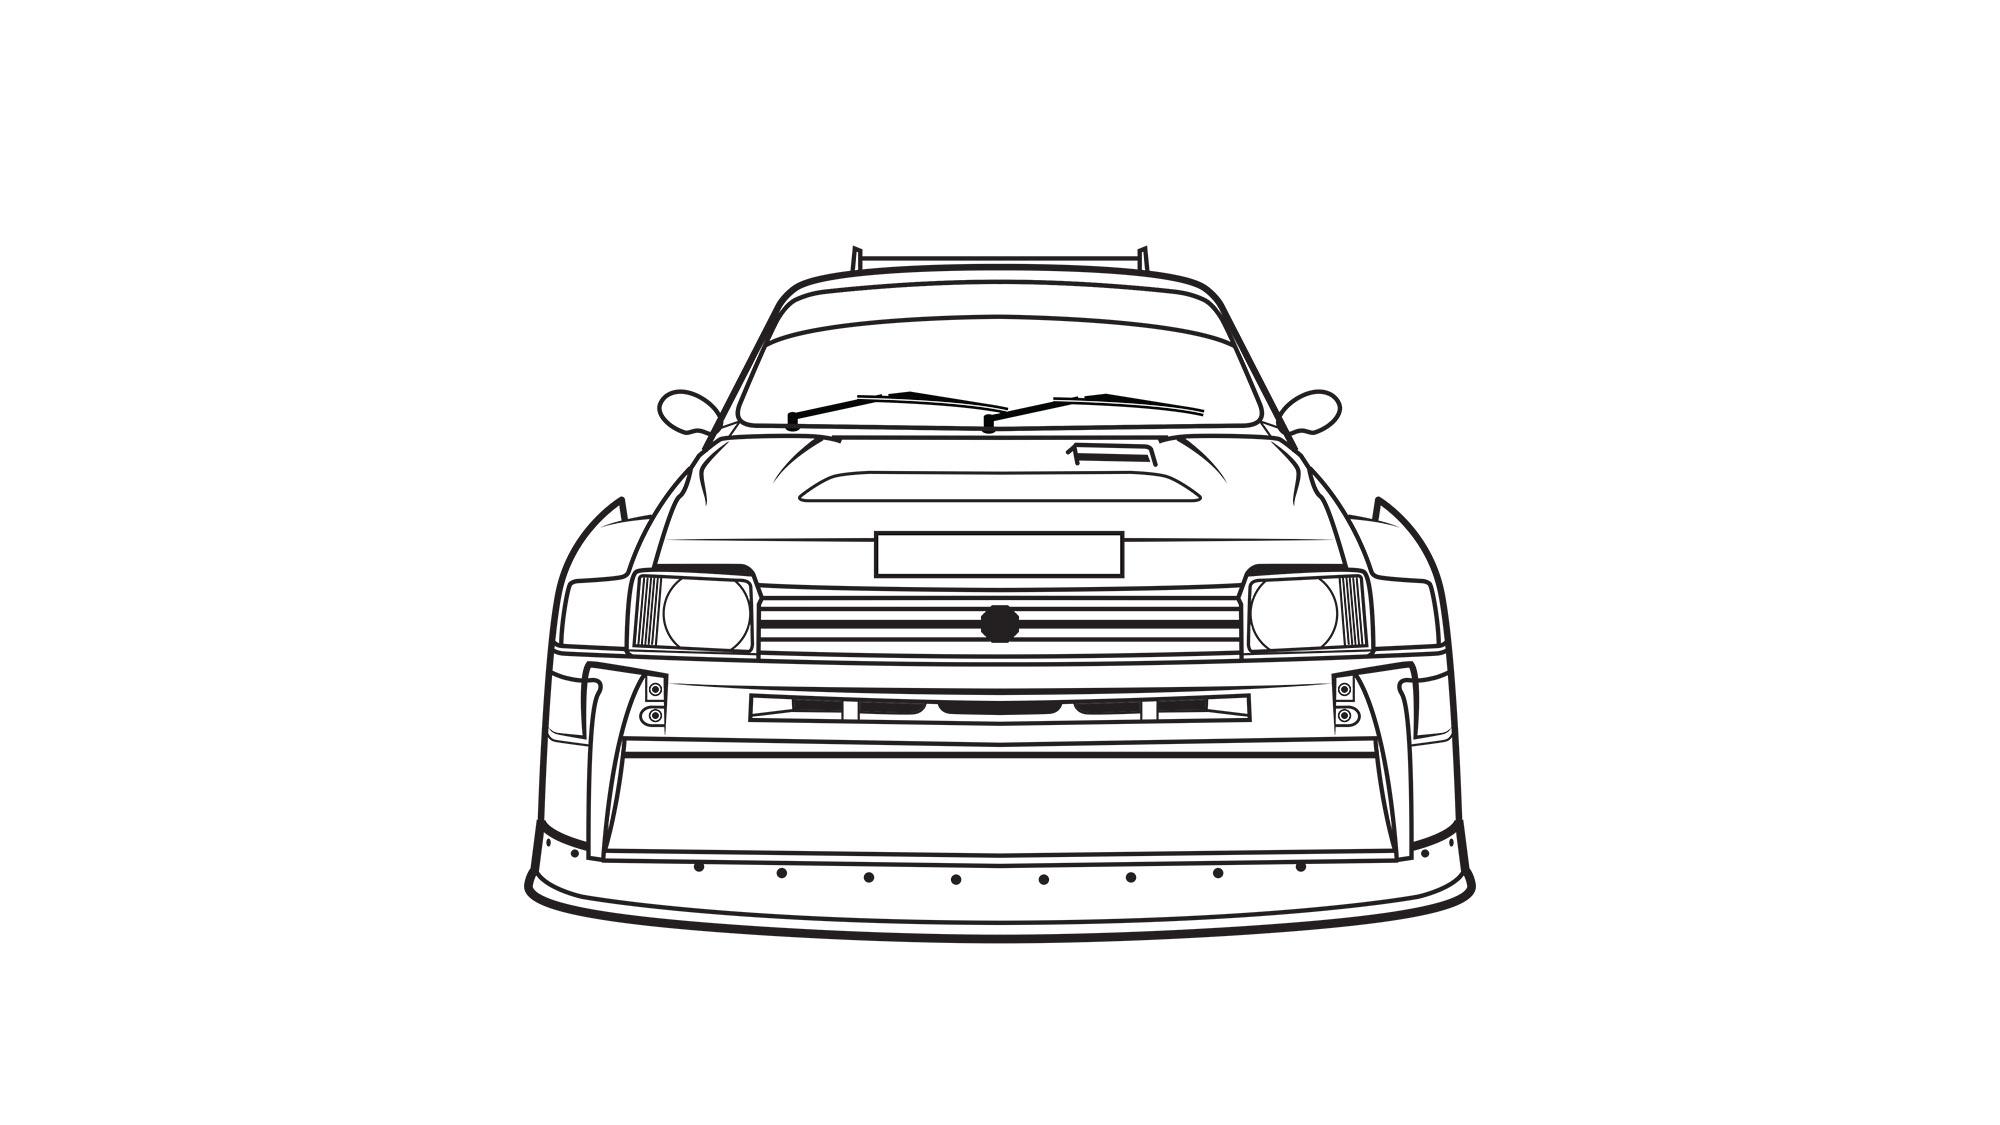 Des rallycar à colorier, par Final Tenth